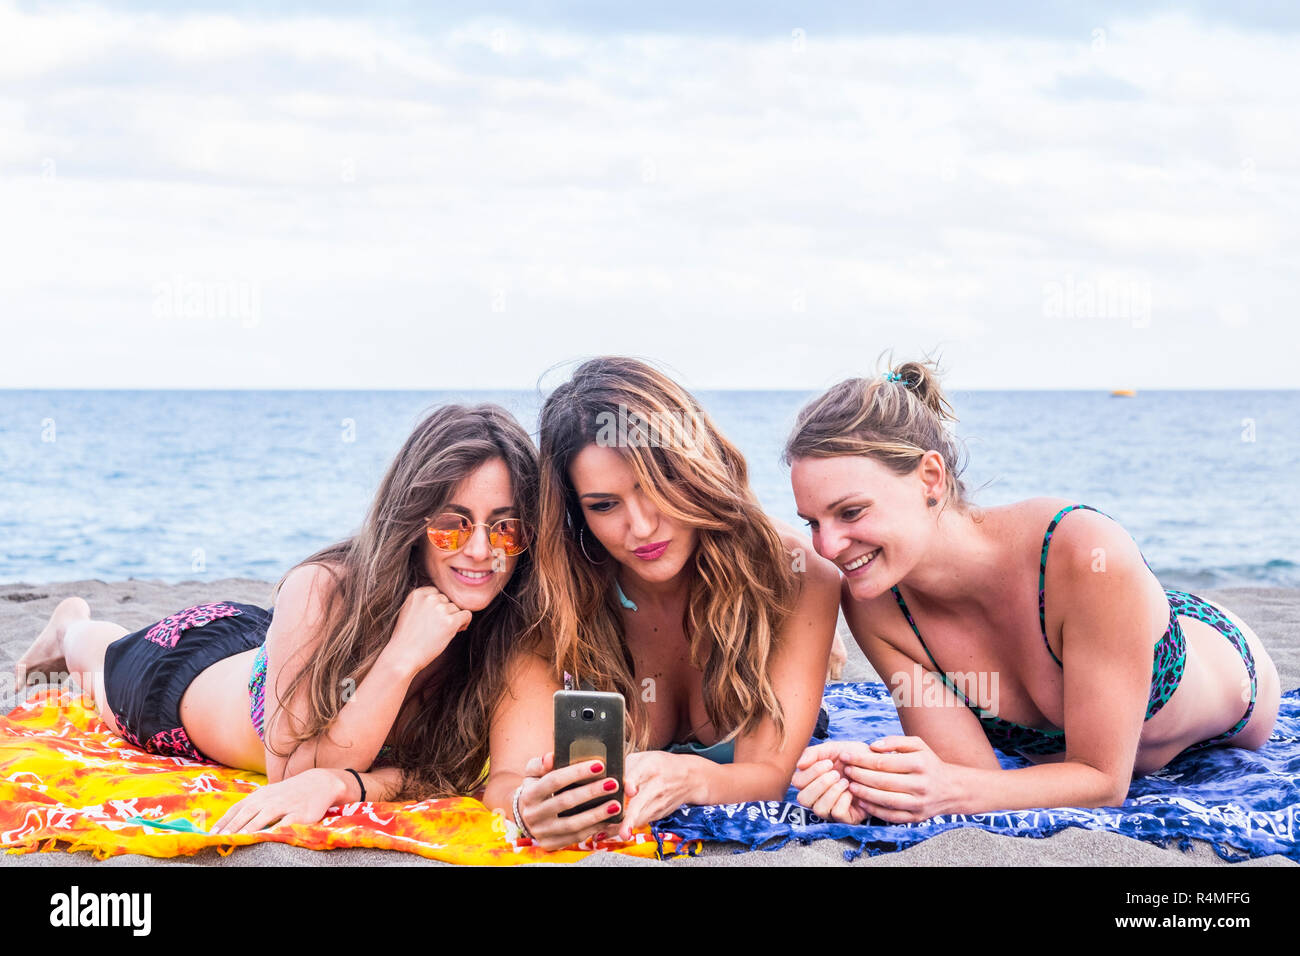 Grupo de tres chicas guapas amistad estancia sentar relajado en la playa hablando y utilizando un smartphone para compartir su vida con verano fri Foto de stock